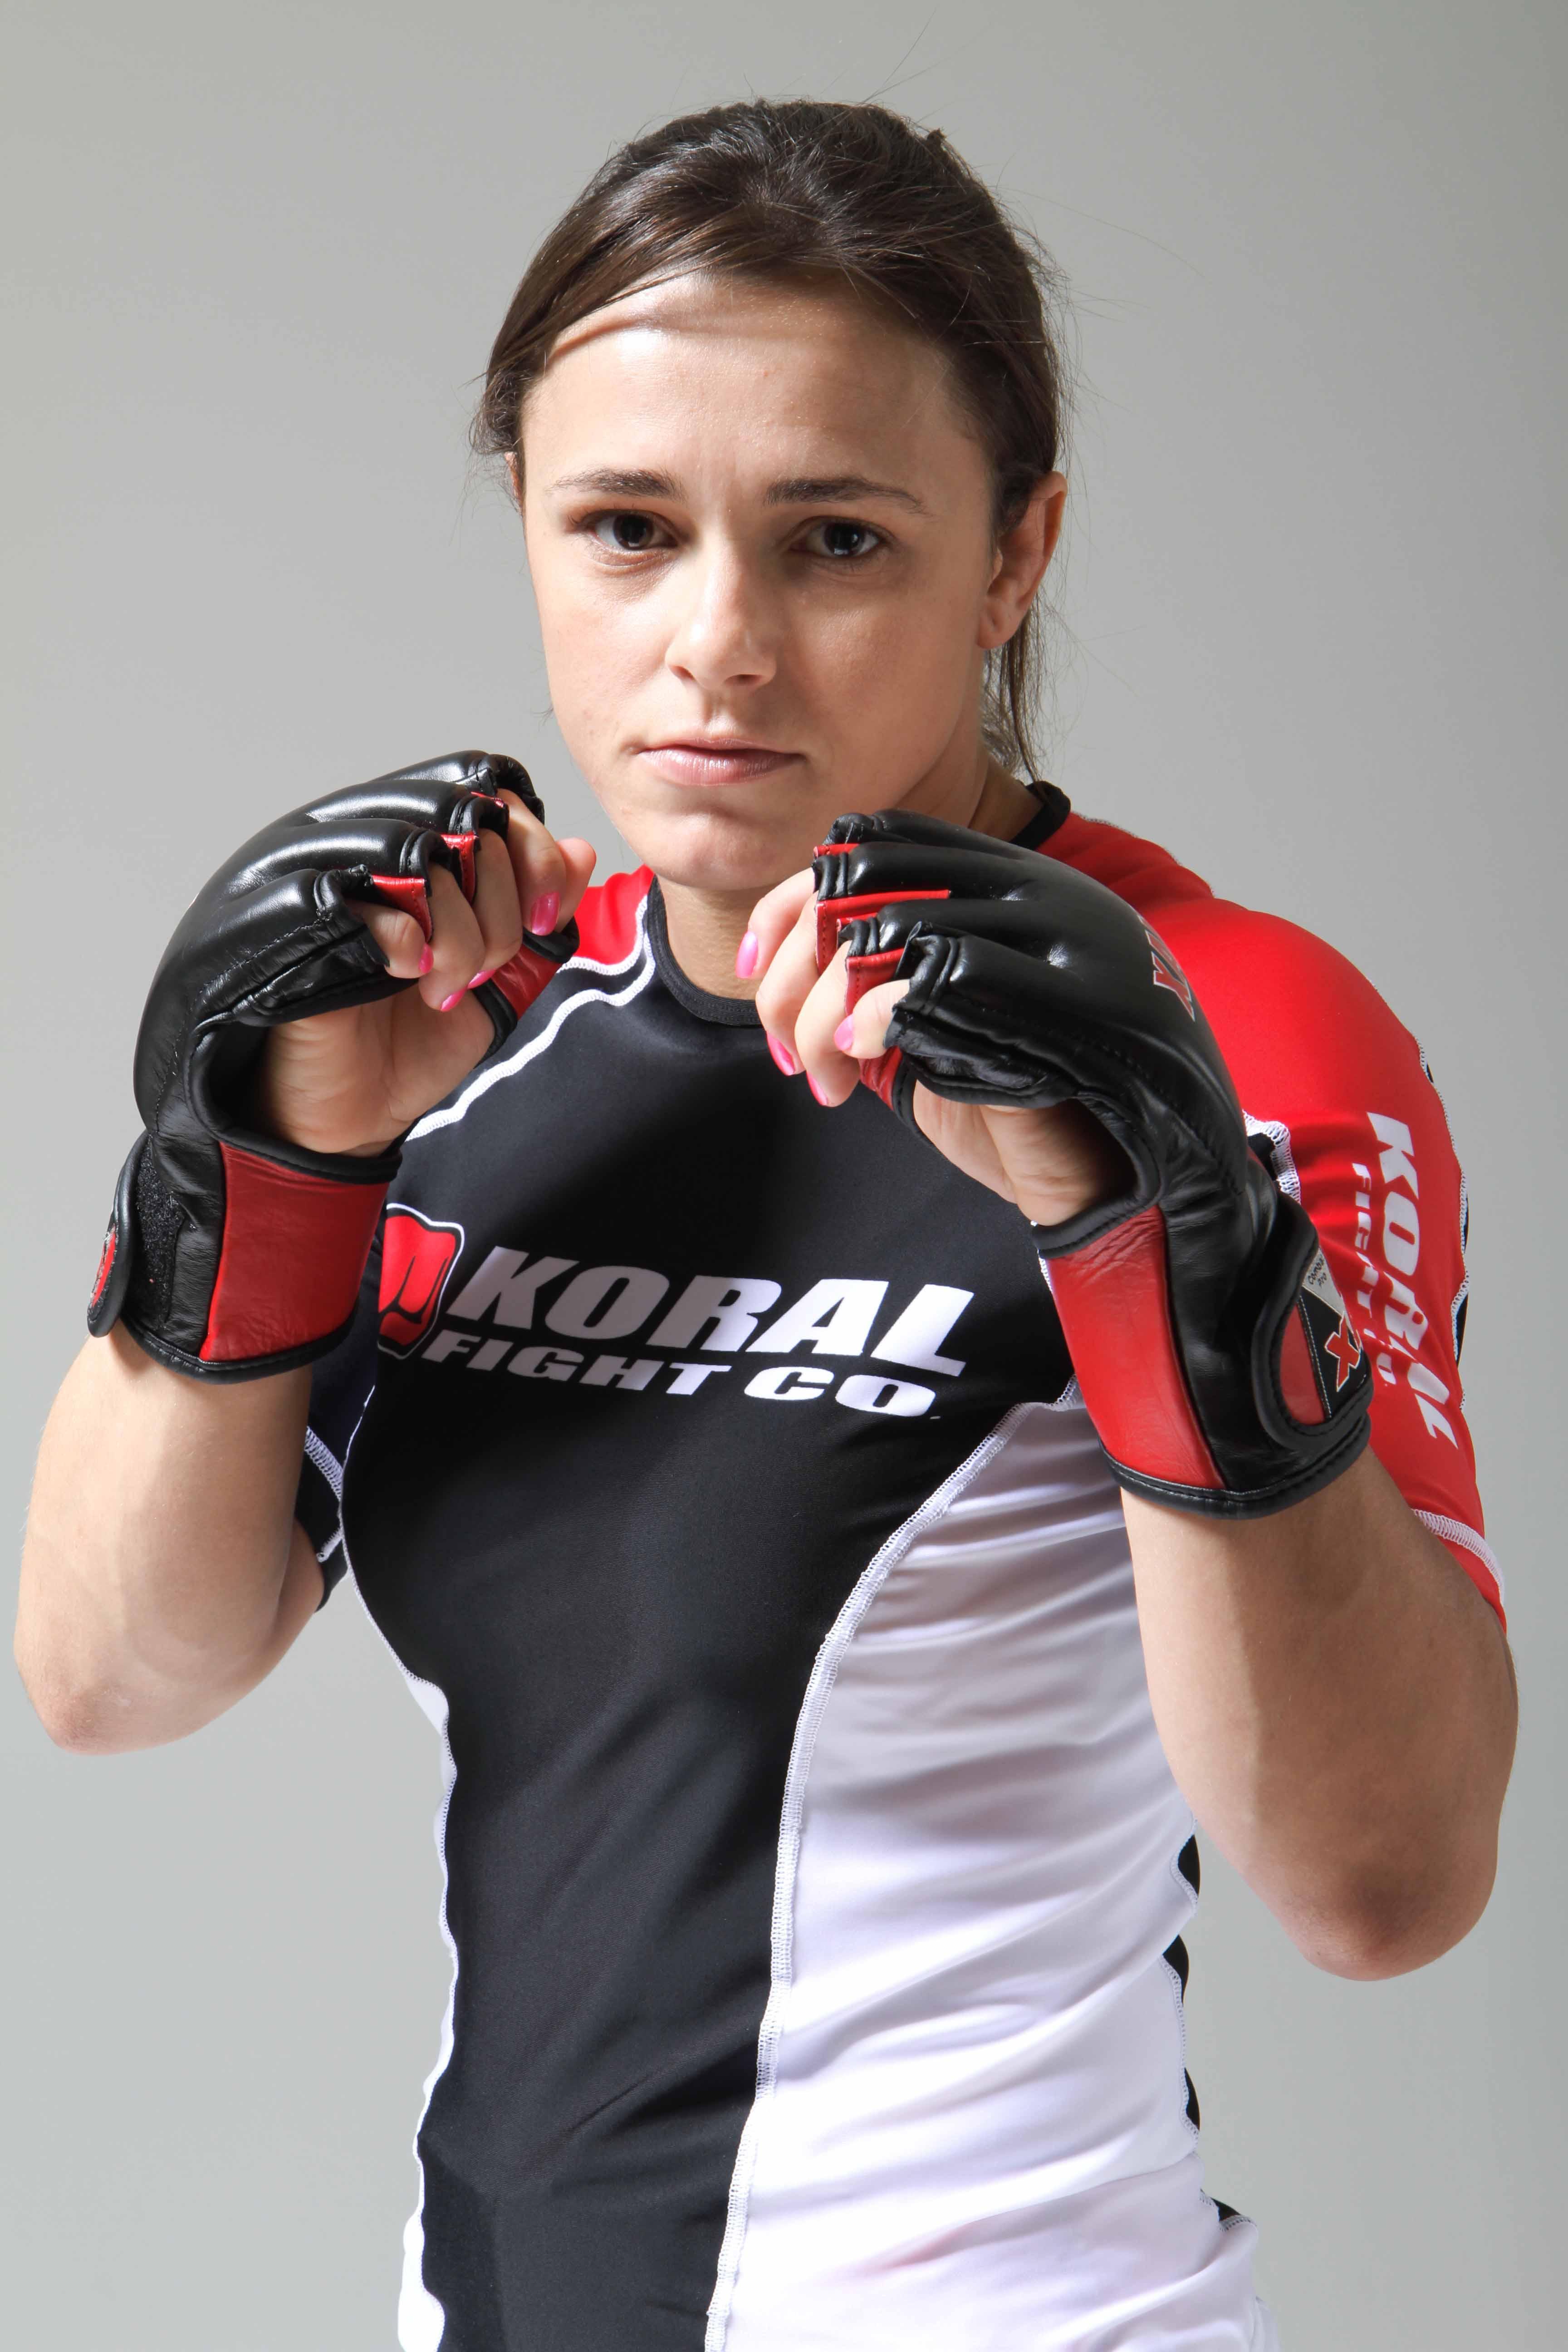 Agora de luvas, Nicolini busca mesmo caminho de vitórias no MMA. Foto: Divulgação